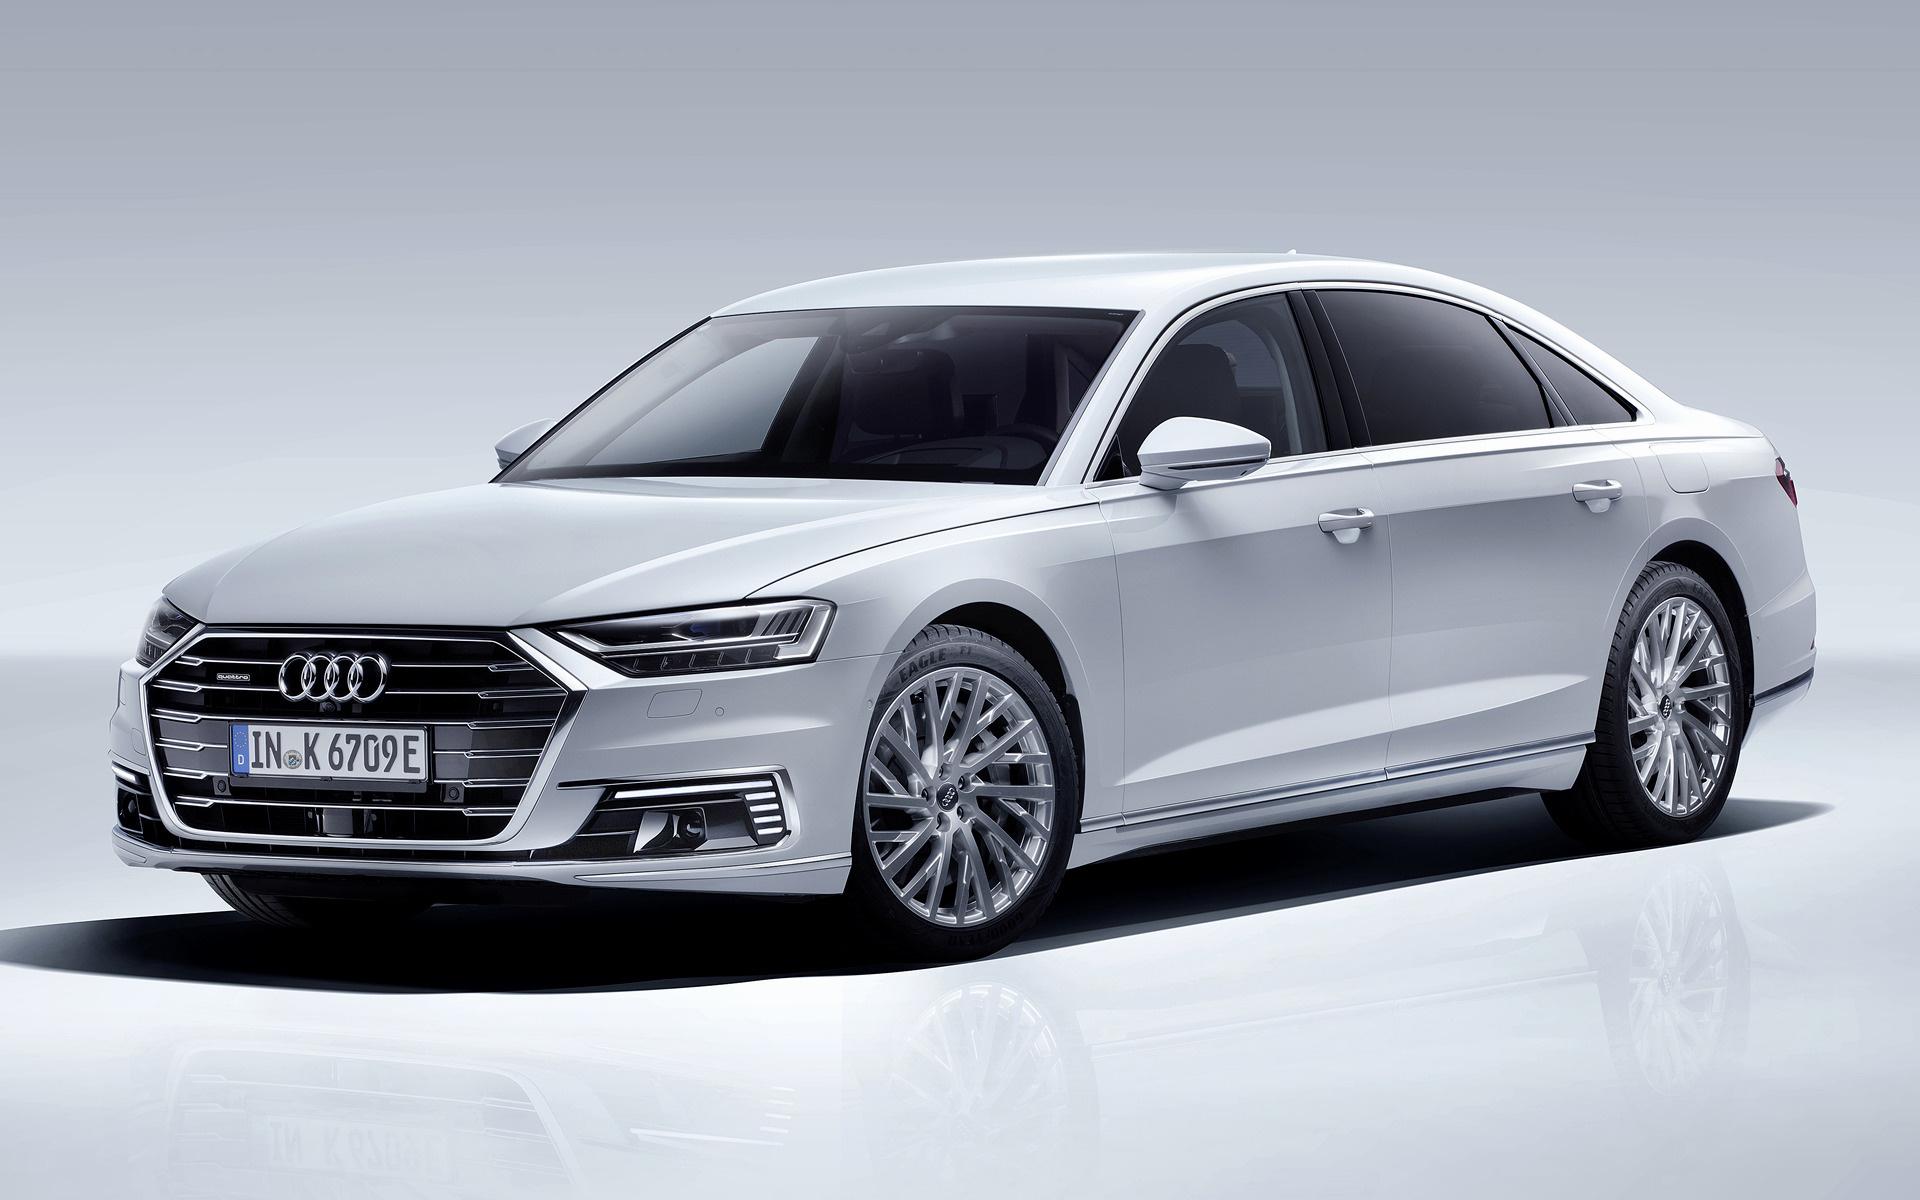 2019 Audi A8 L Plug-In Hybrid